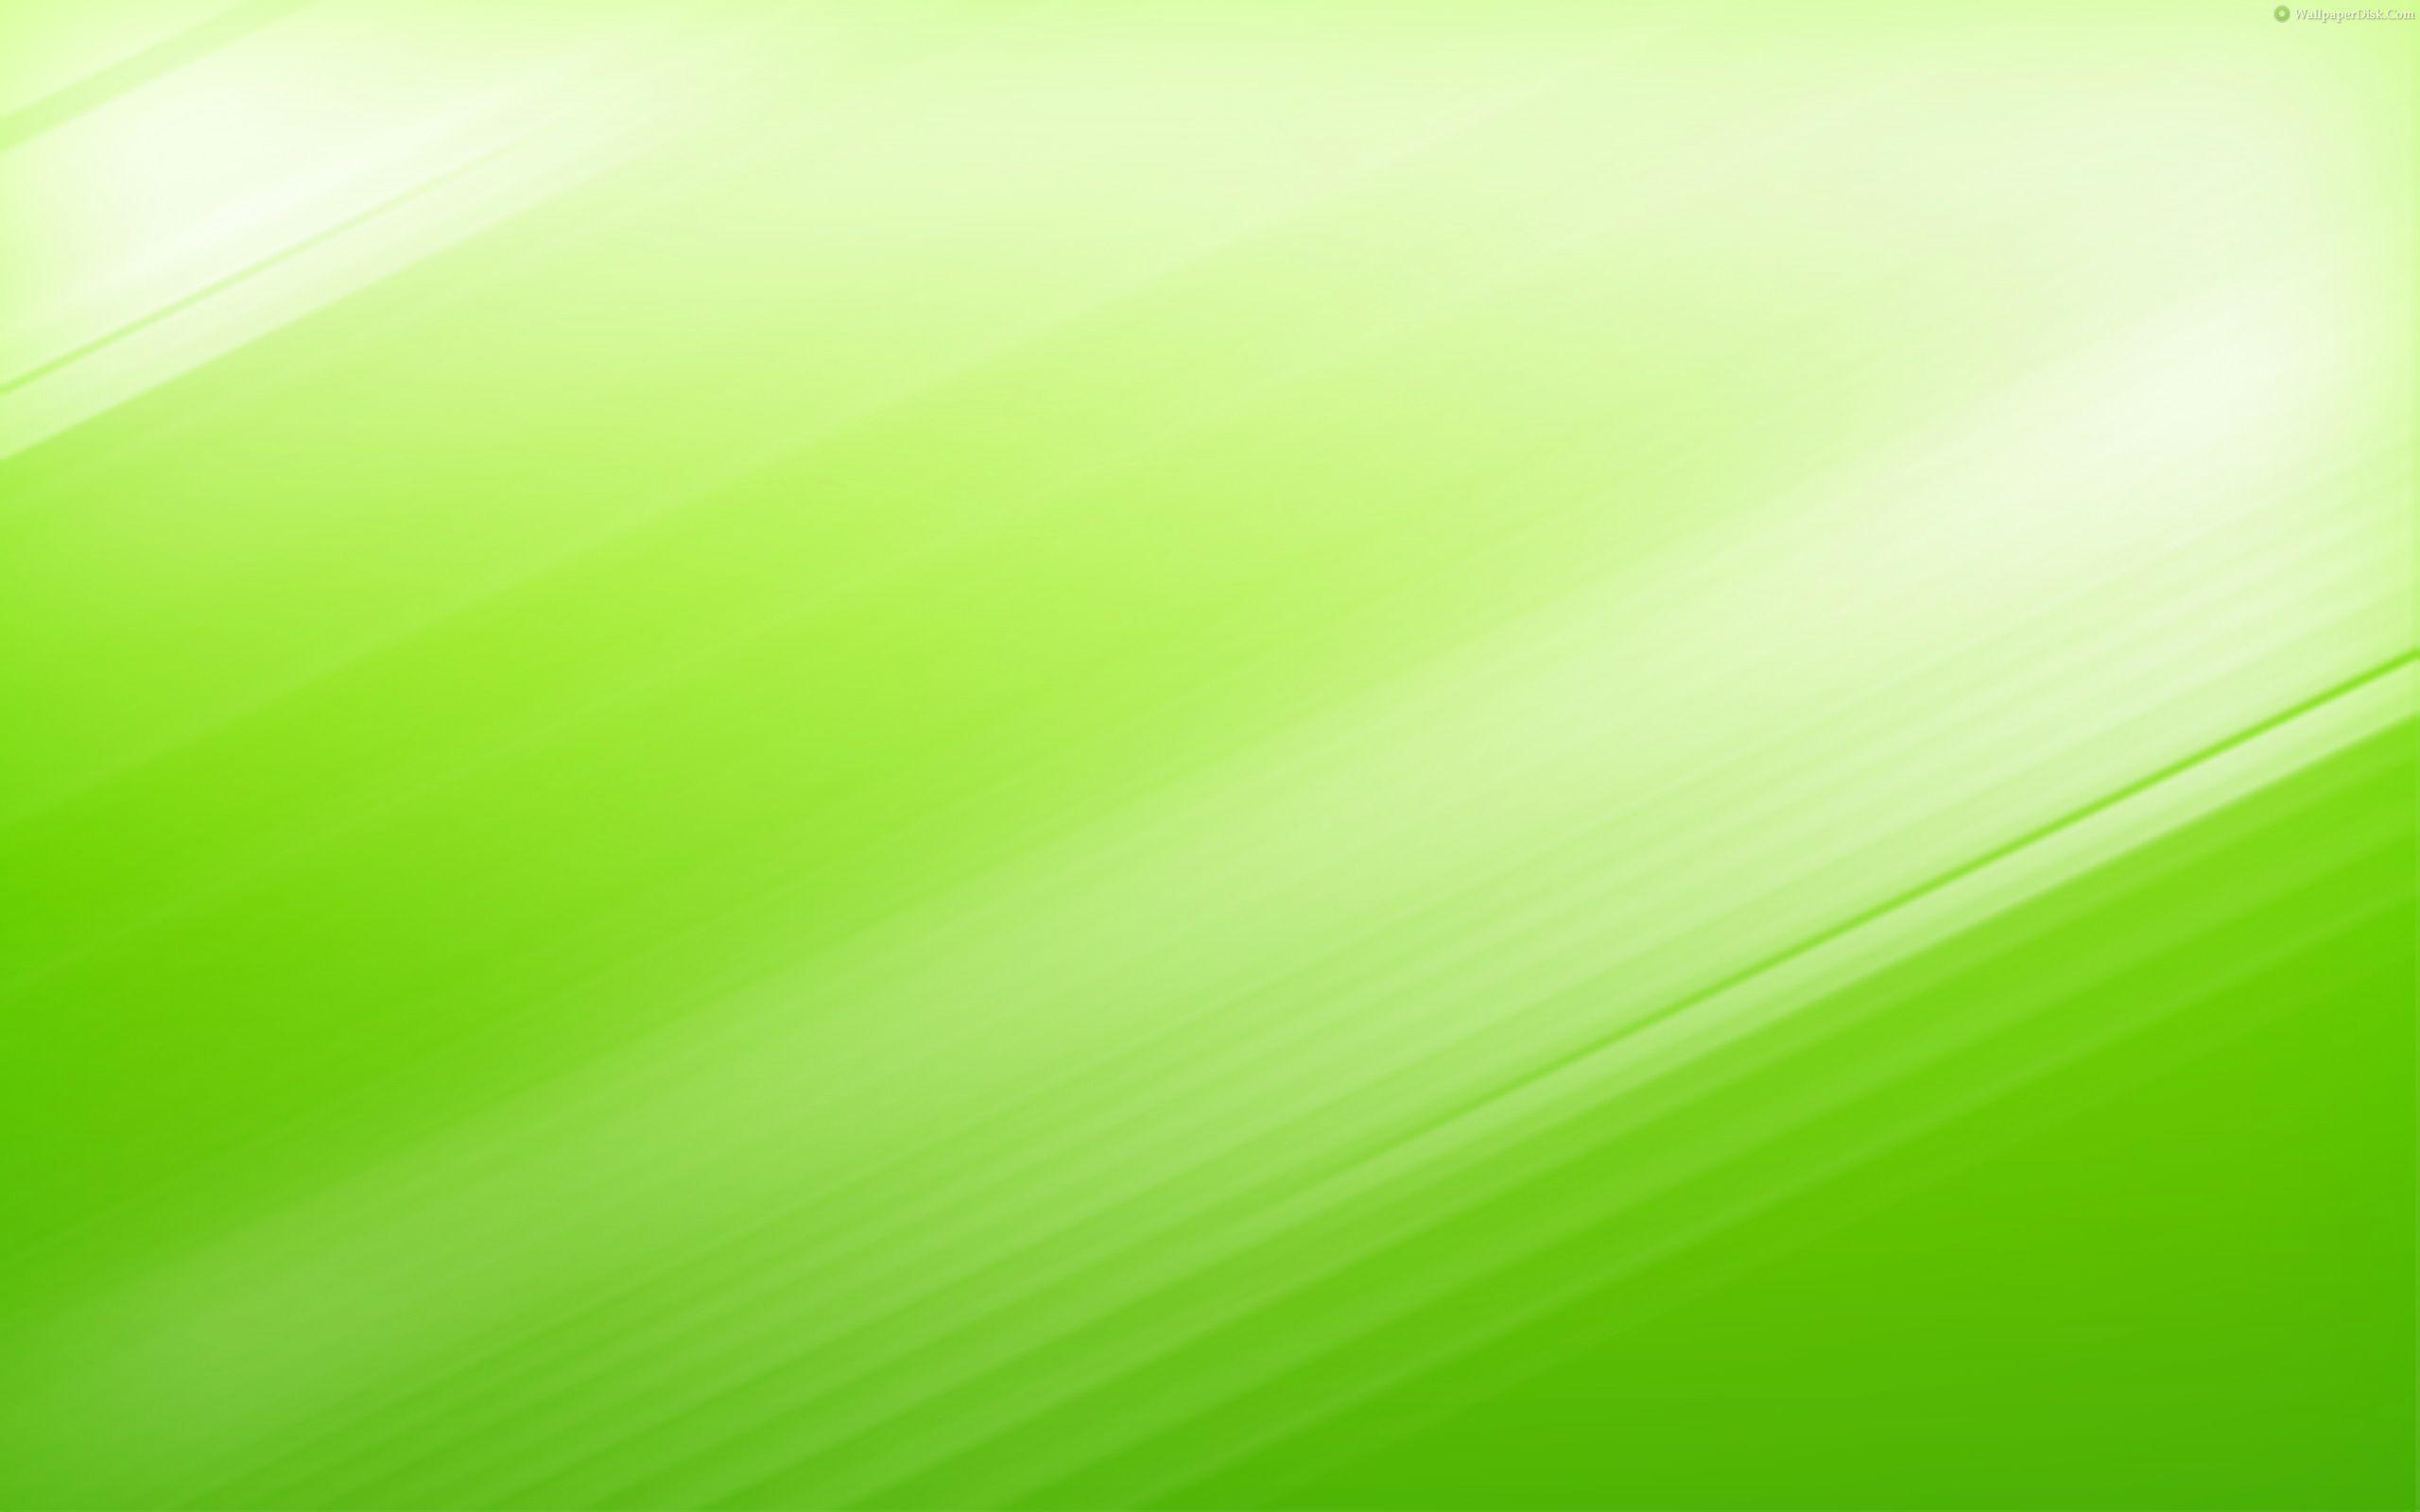 Green Backgrounds 6084   HDWPro 2560x1600